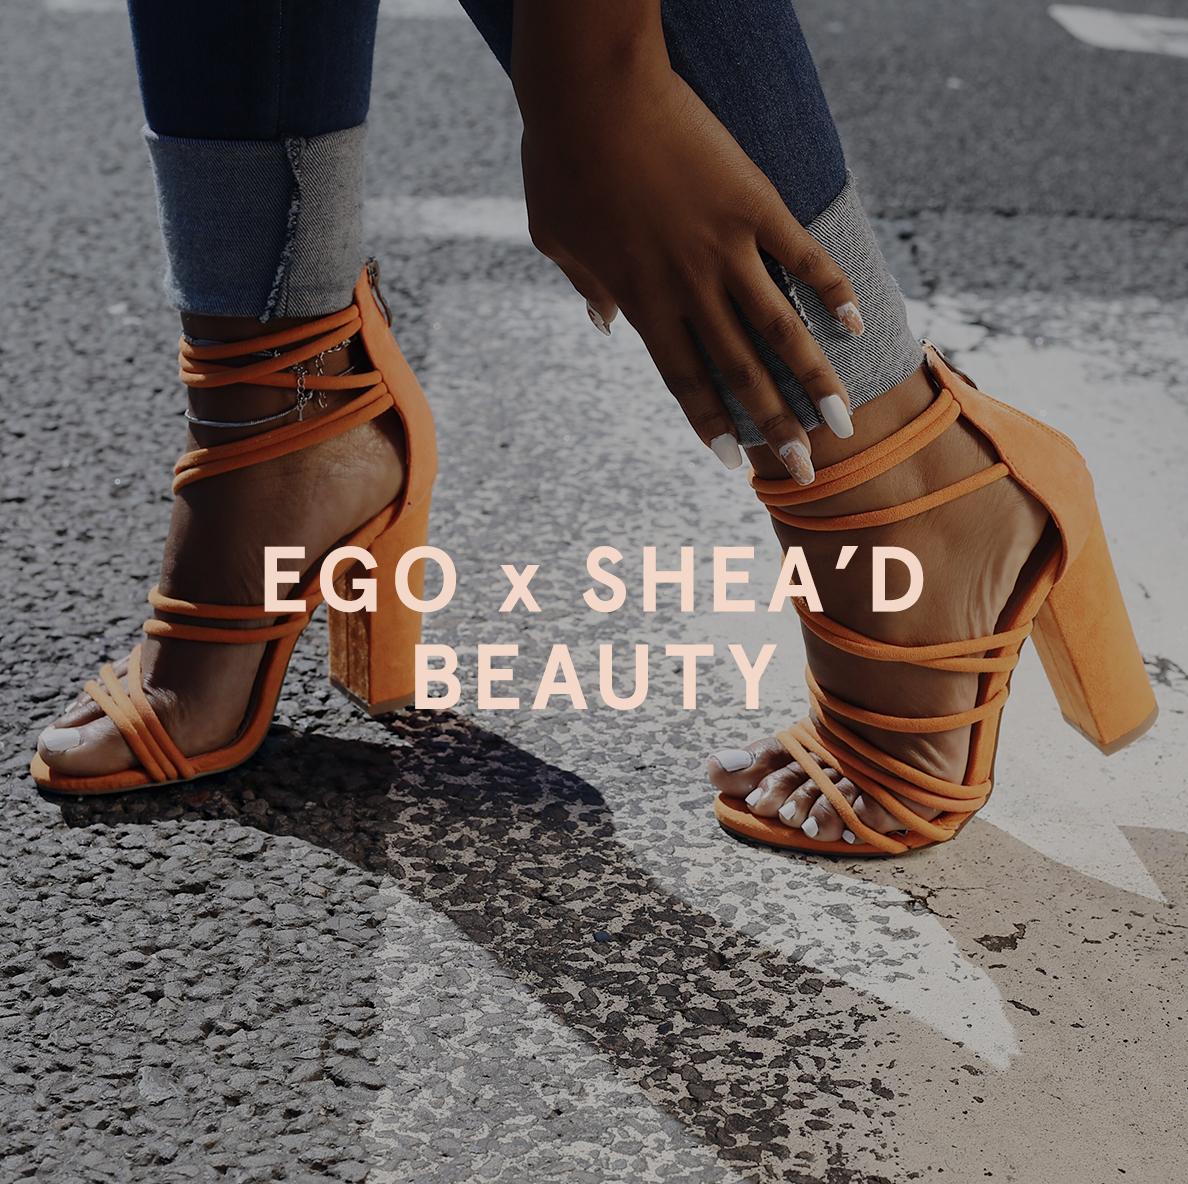 Shead Beauty Ego